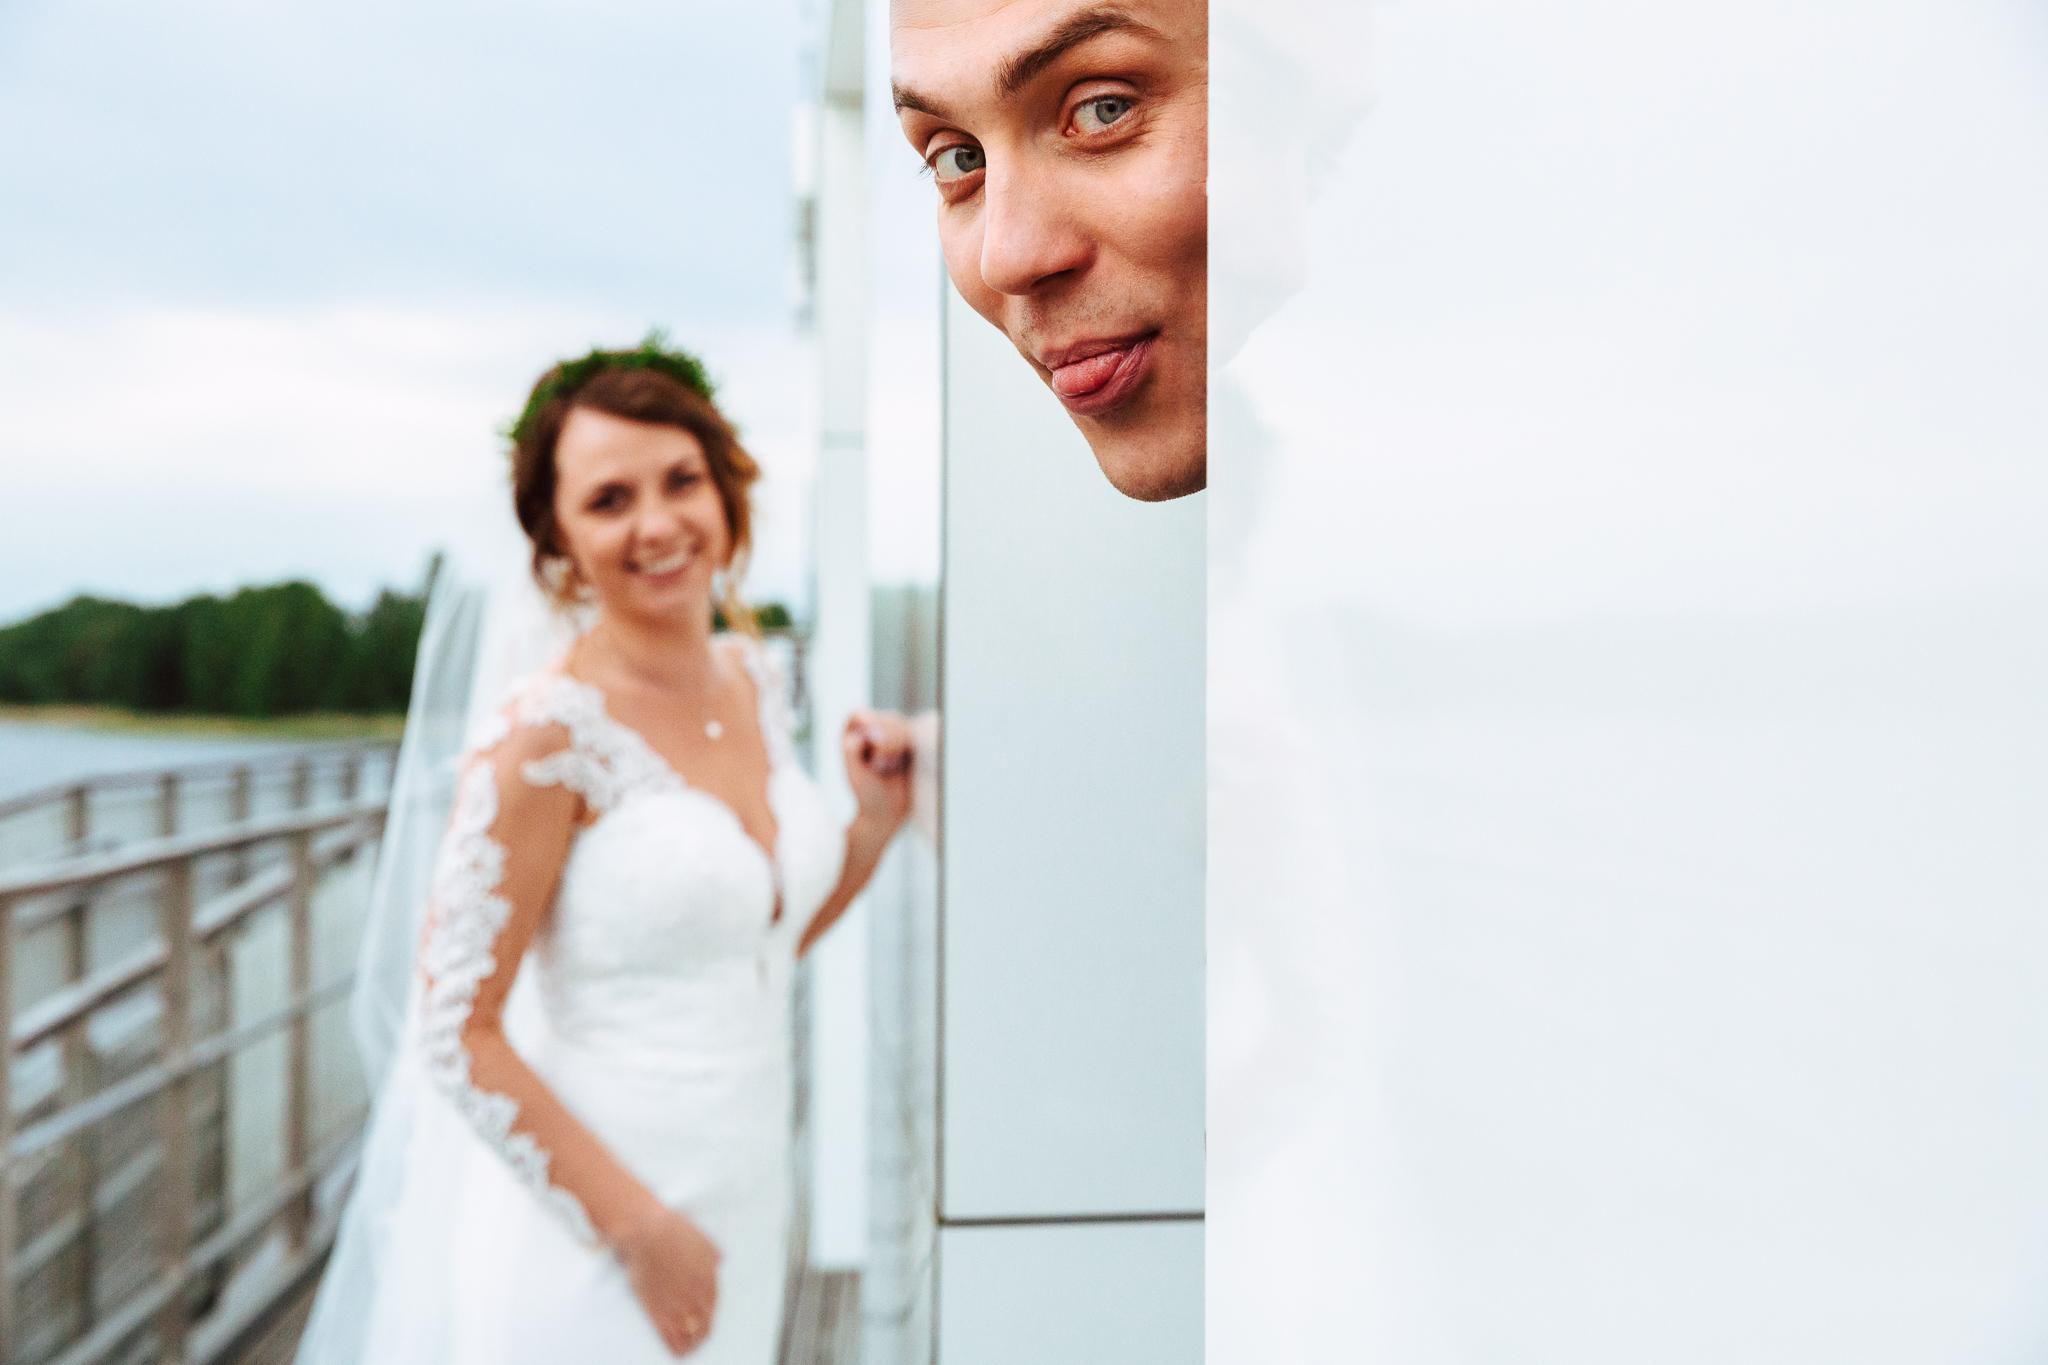 śmieszny i wyluzowany plener ślubny